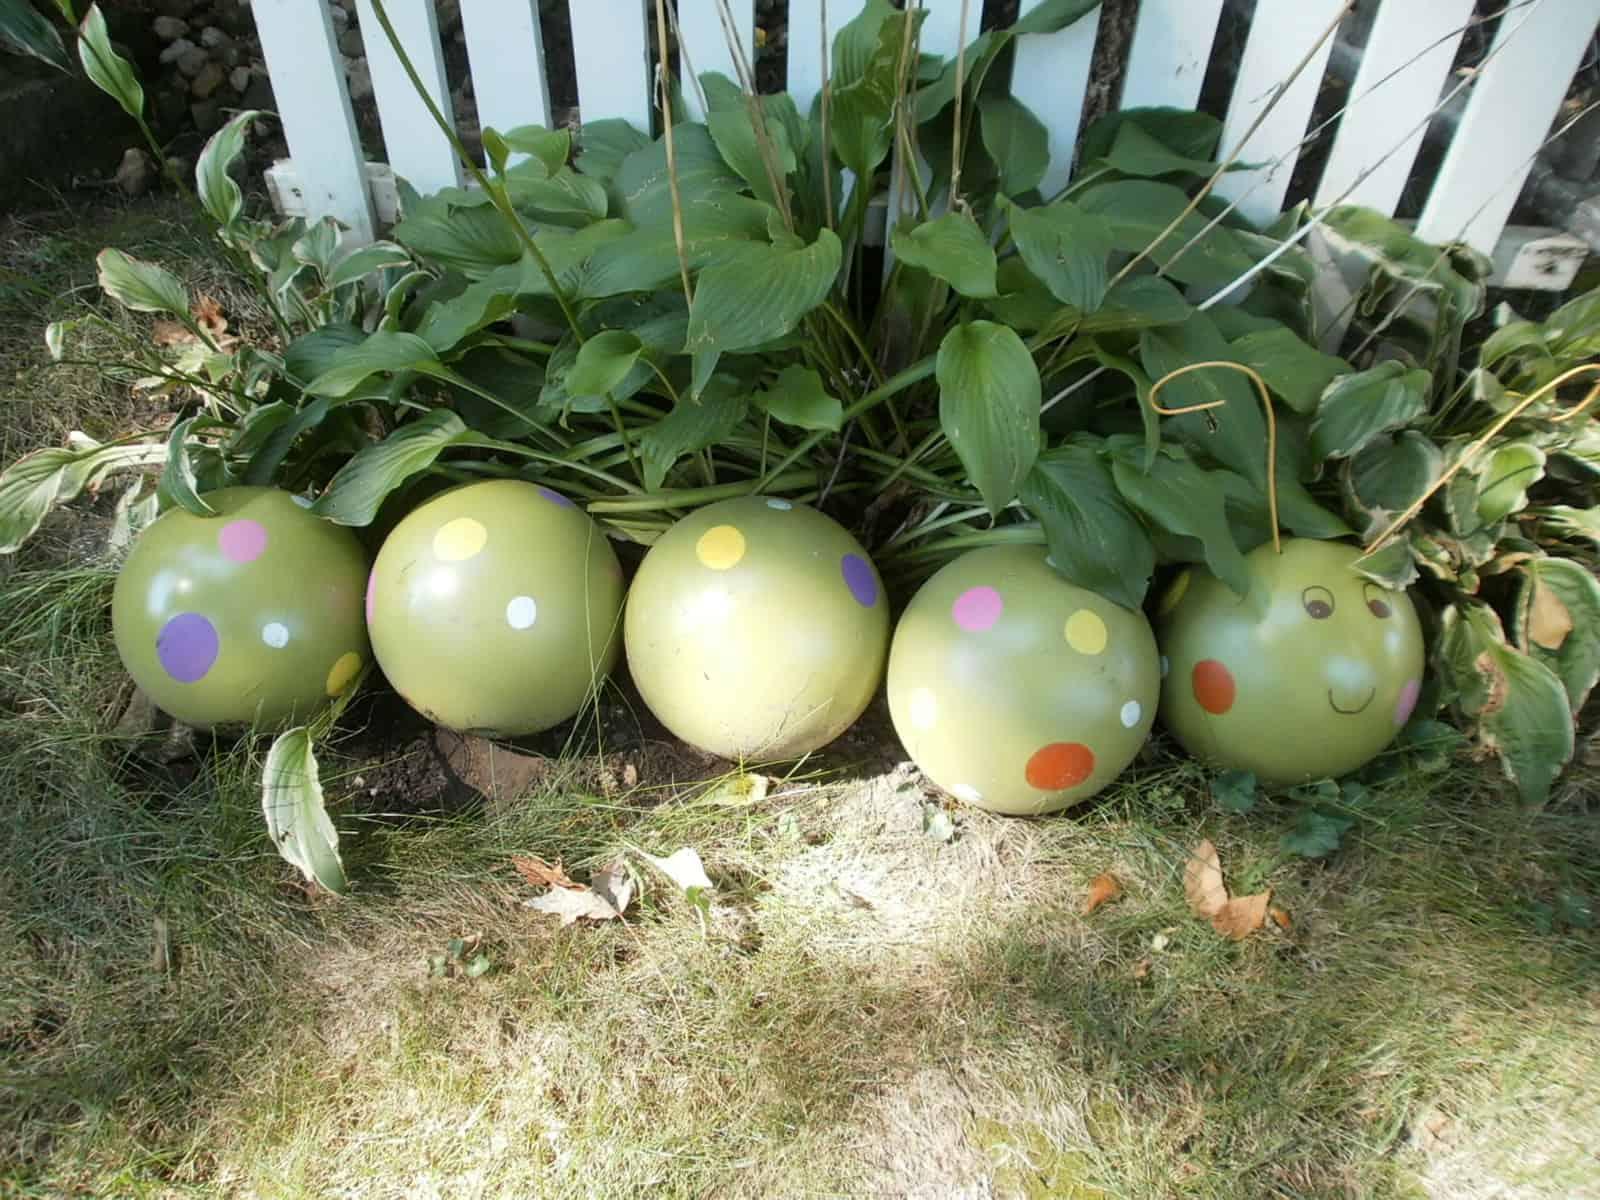 Painted bowling ball garden caterpillar